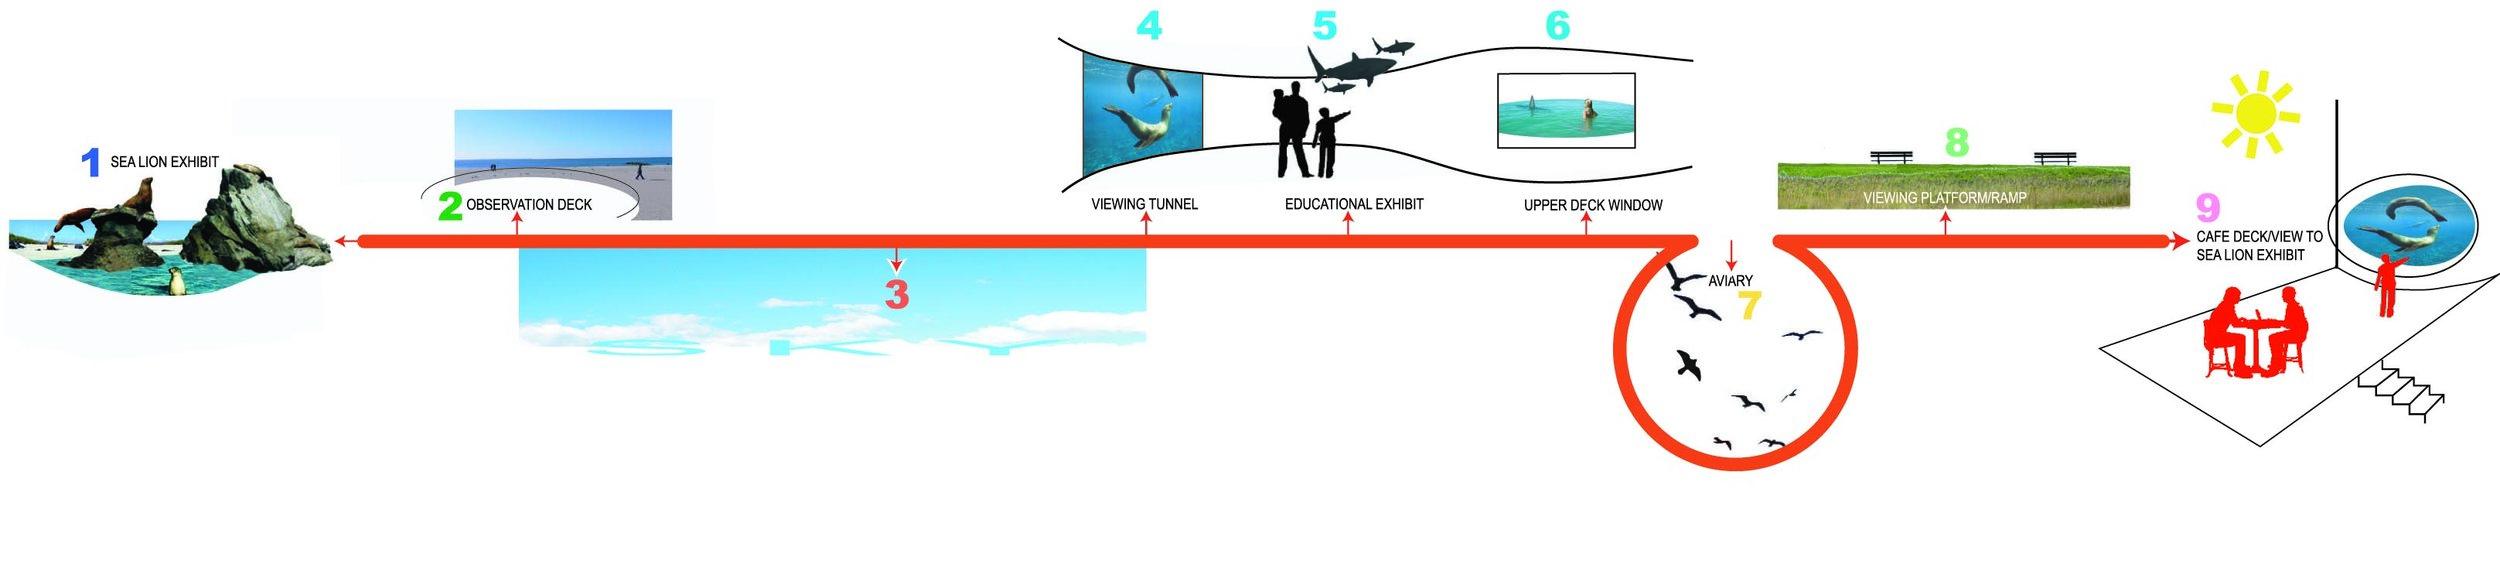 SHA_EXHIBITdiagram2.jpg